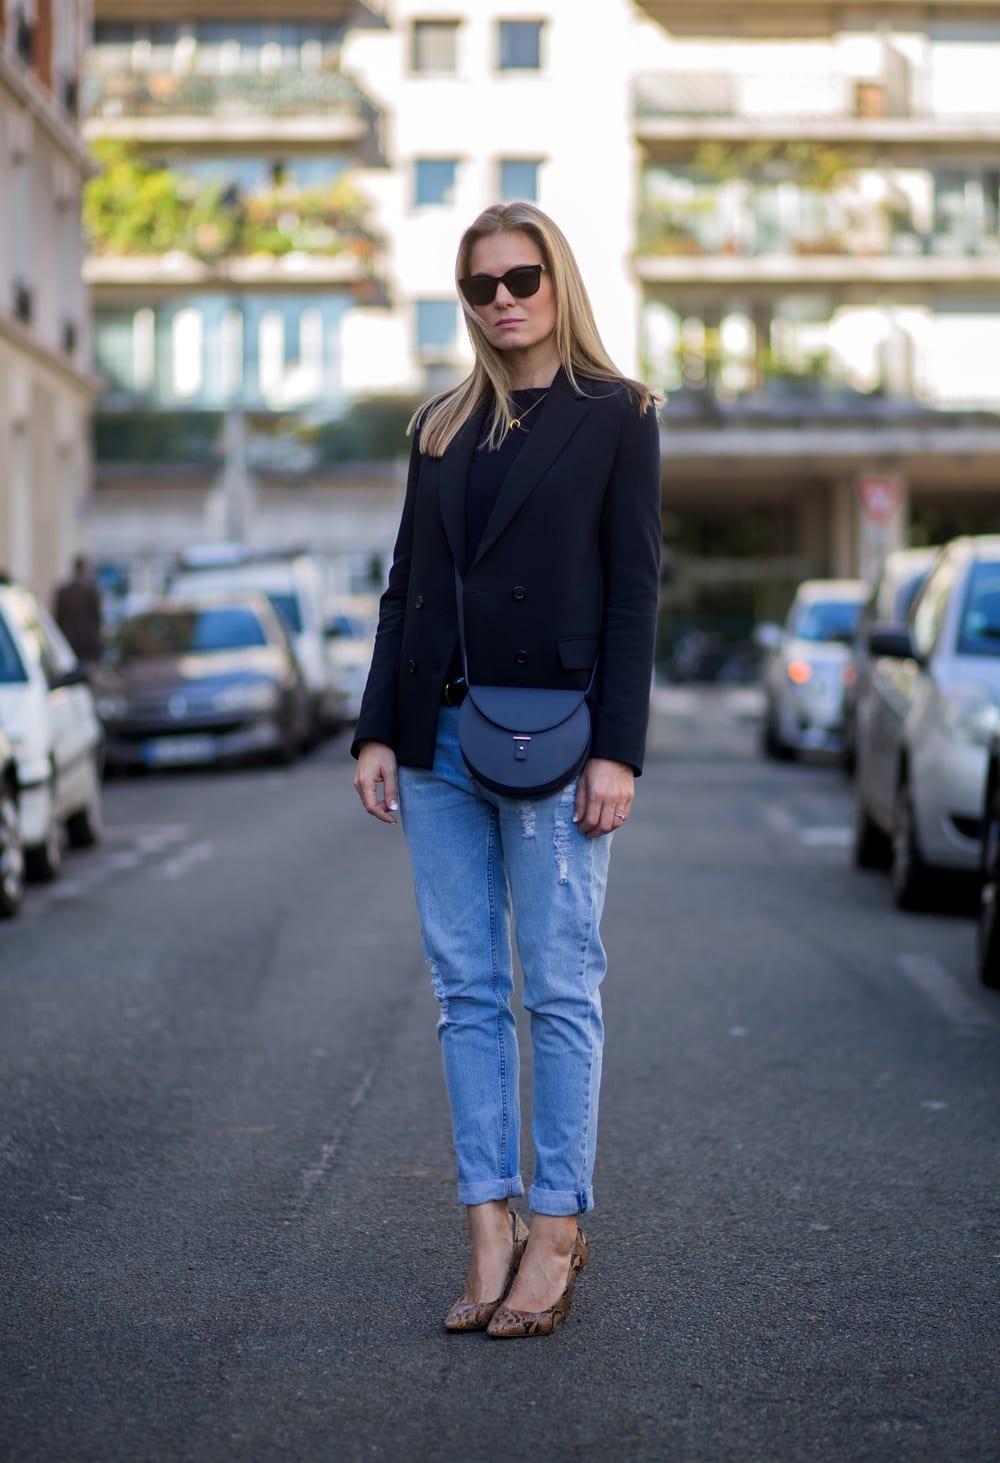 002c3347b0 Paris Fashion Week Day 4